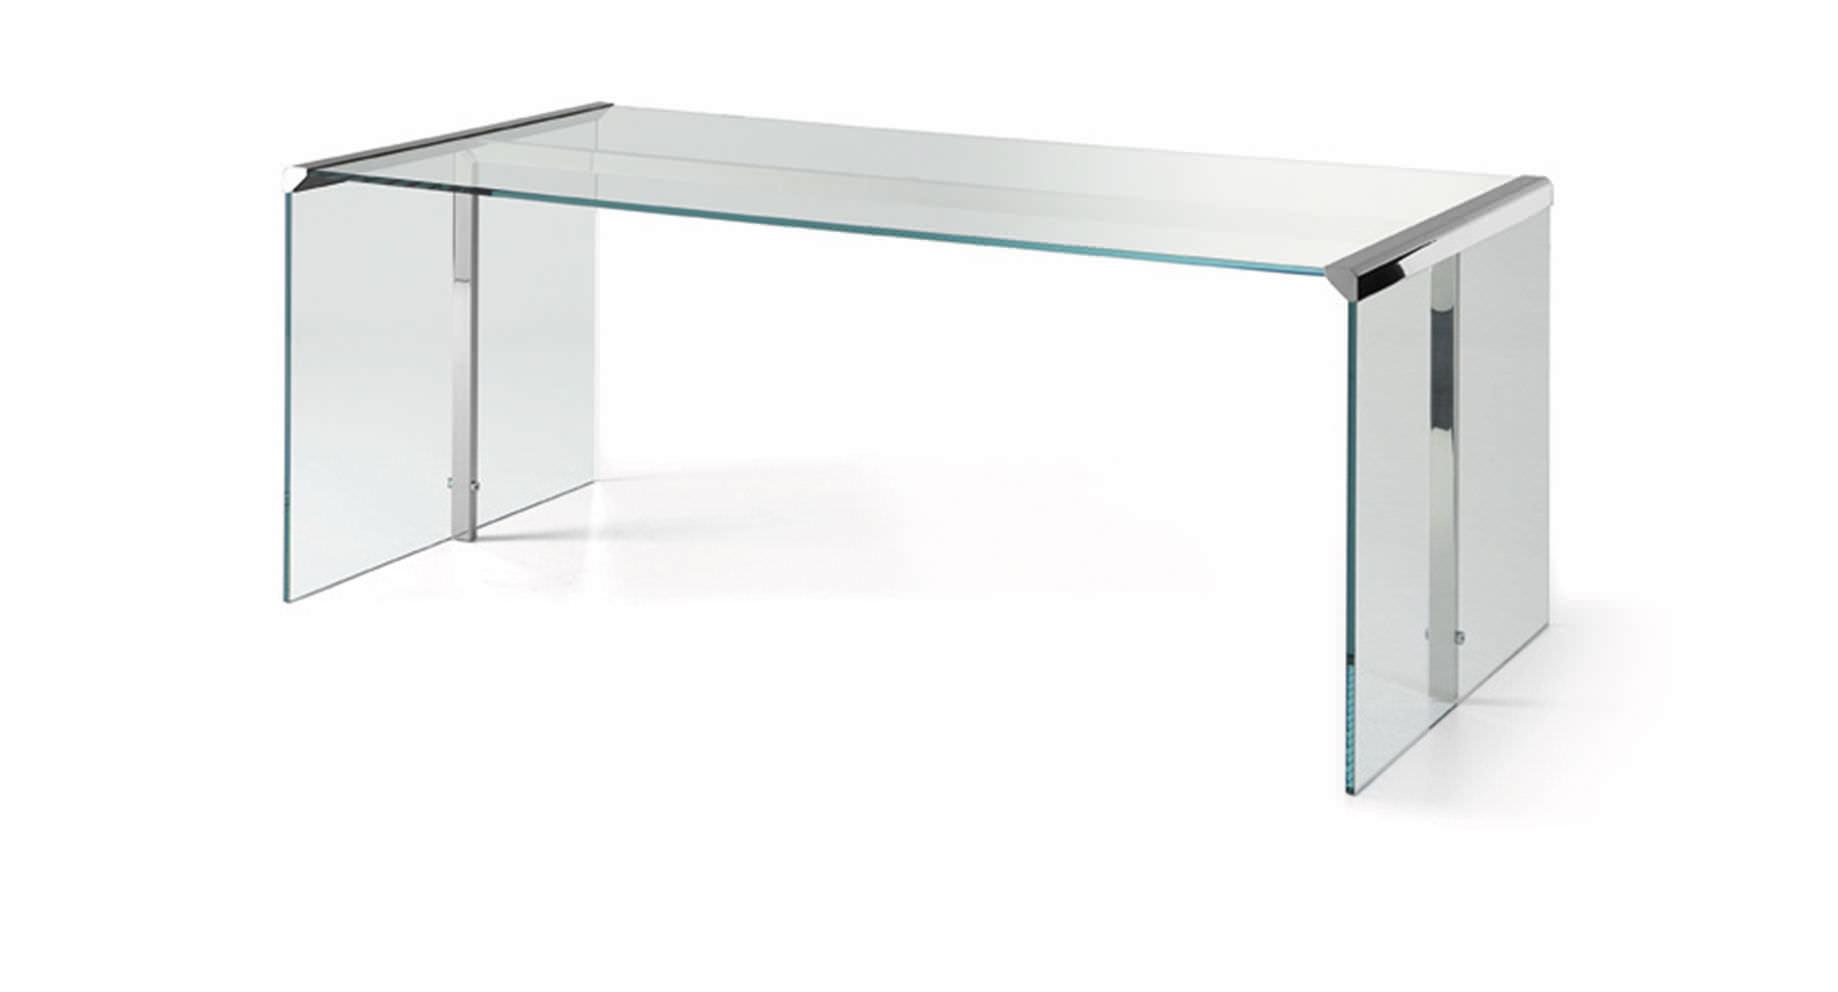 Scrivania Ufficio Vetro E Acciaio : Scrivanie in vetro e acciaio sedie ufficio prezzi v